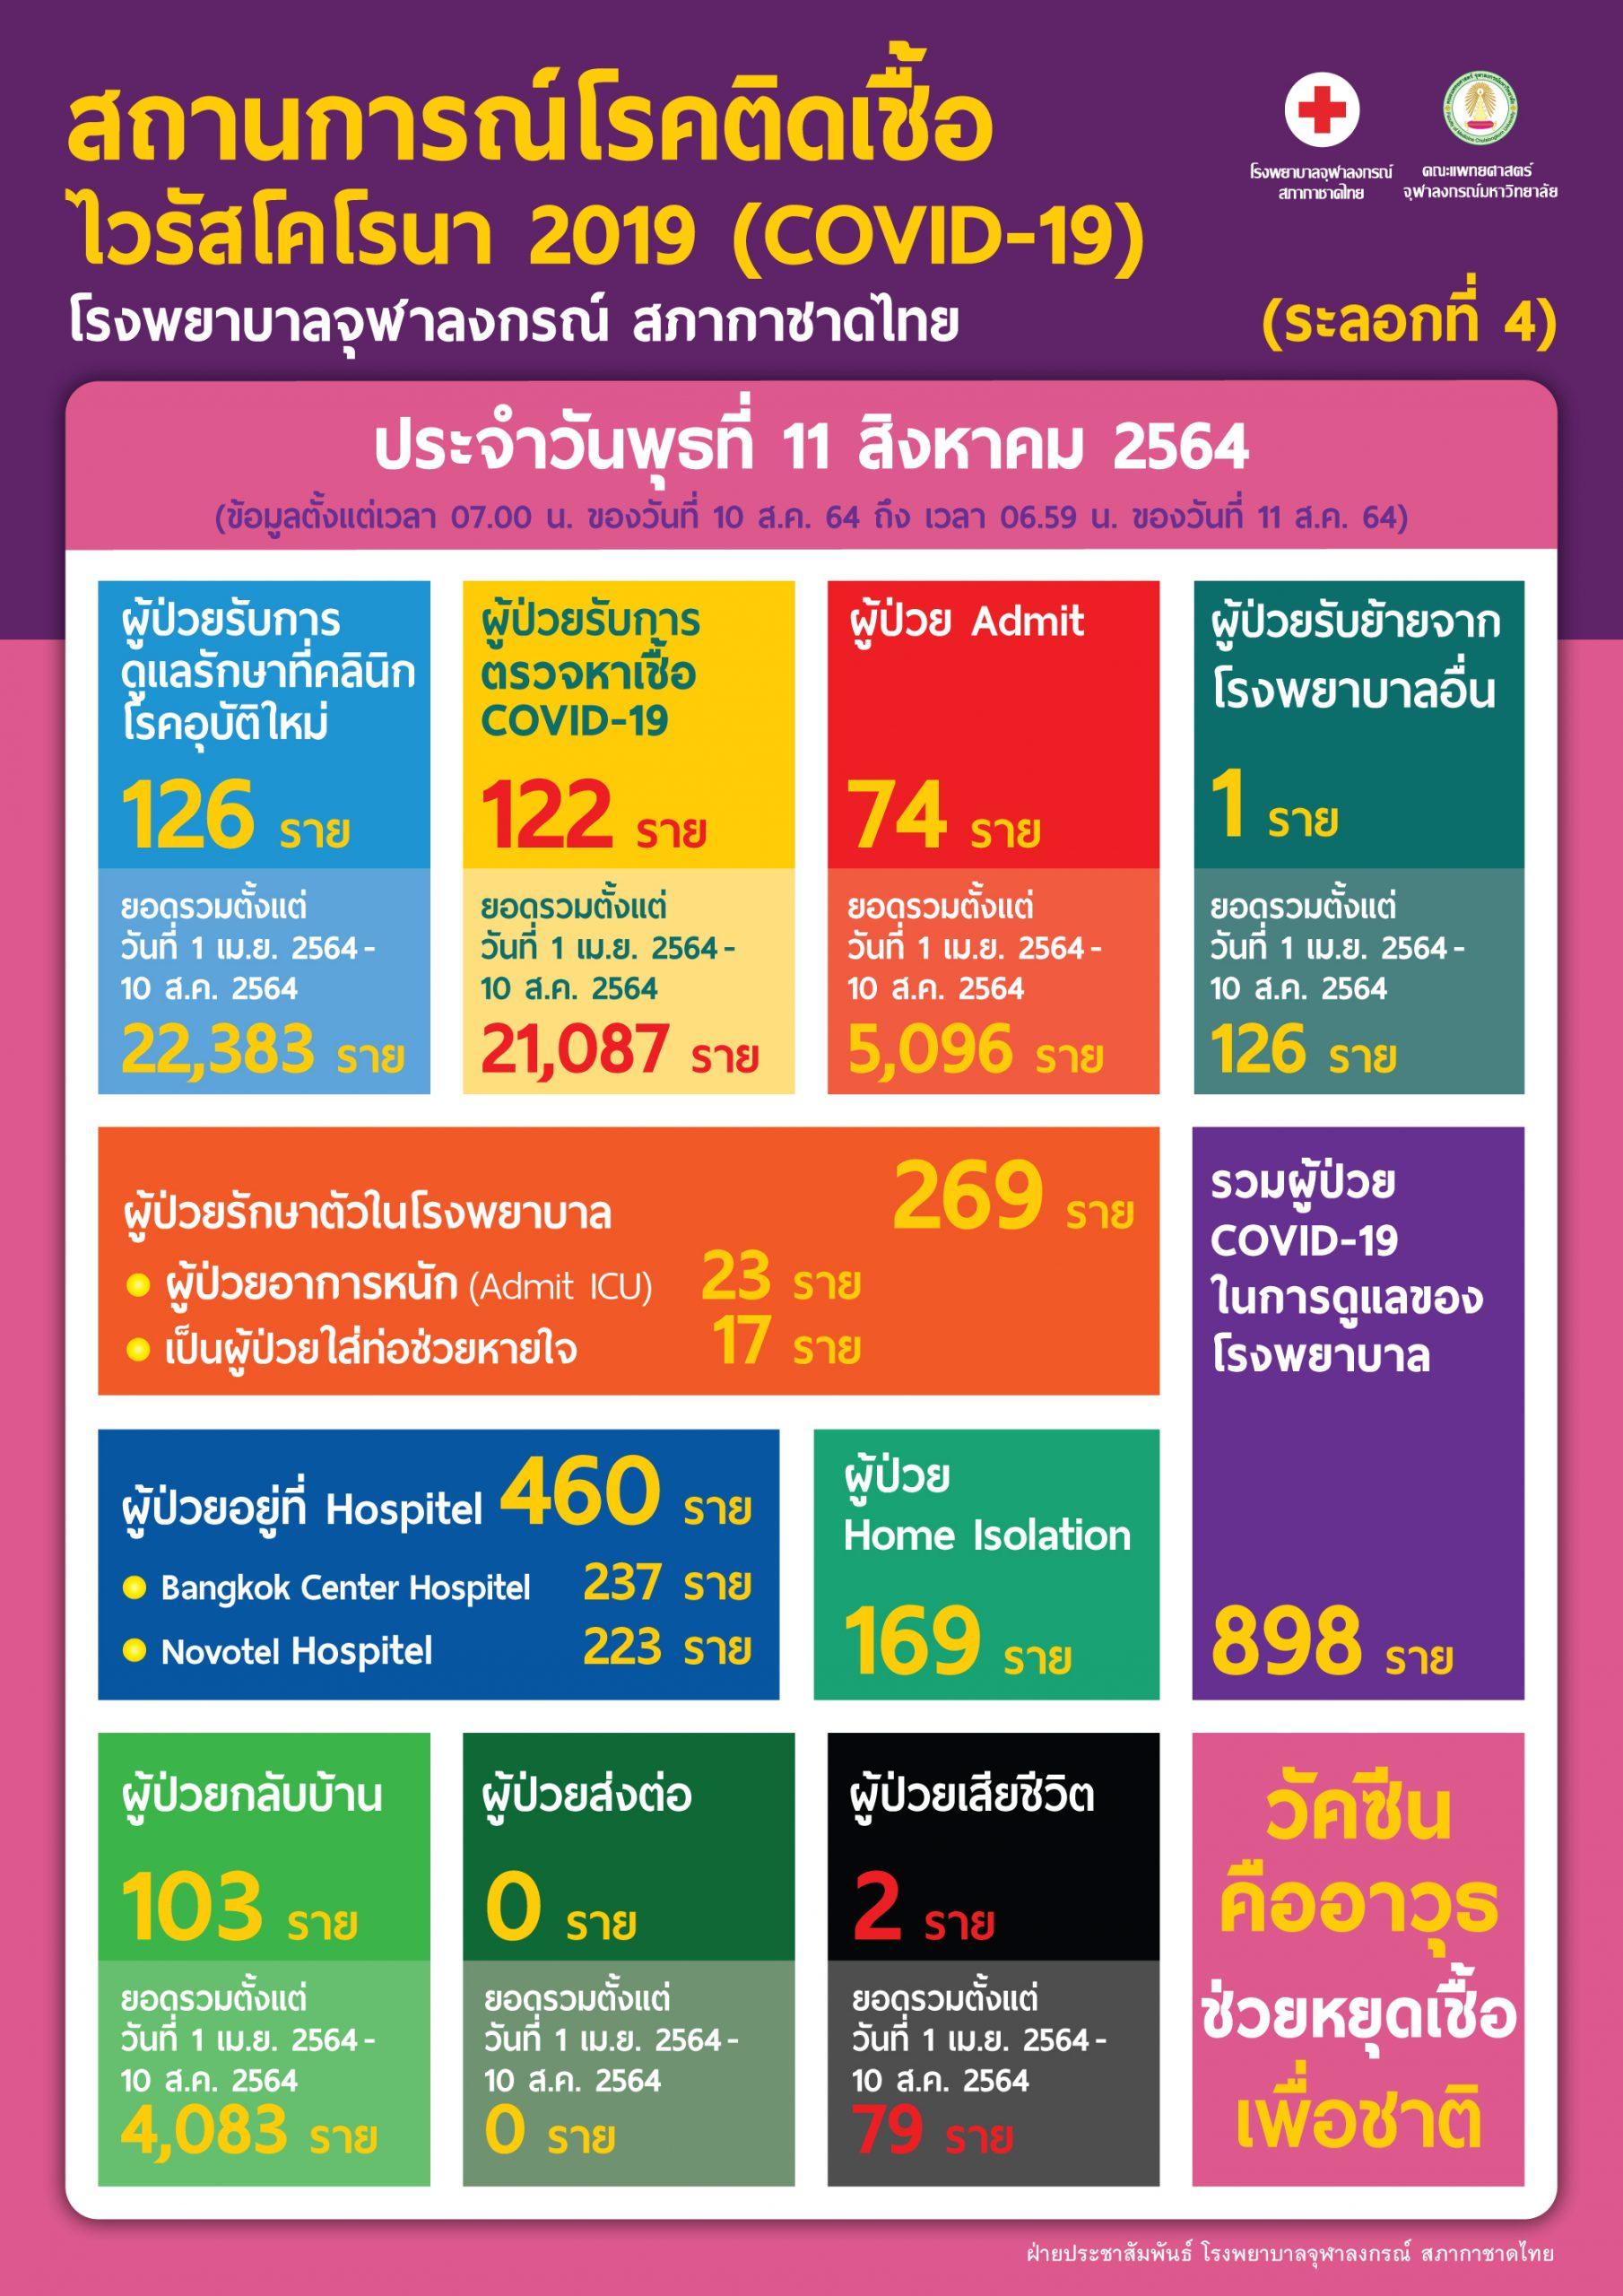 สถานการณ์โรคติดเชื้อไวรัสโคโรนา 2019 (COVID-19) (ระลอกที่ 4) โรงพยาบาลจุฬาลงกรณ์ สภากาชาดไทย ประจำวันพุธที่ 11 สิงหาคม 2564